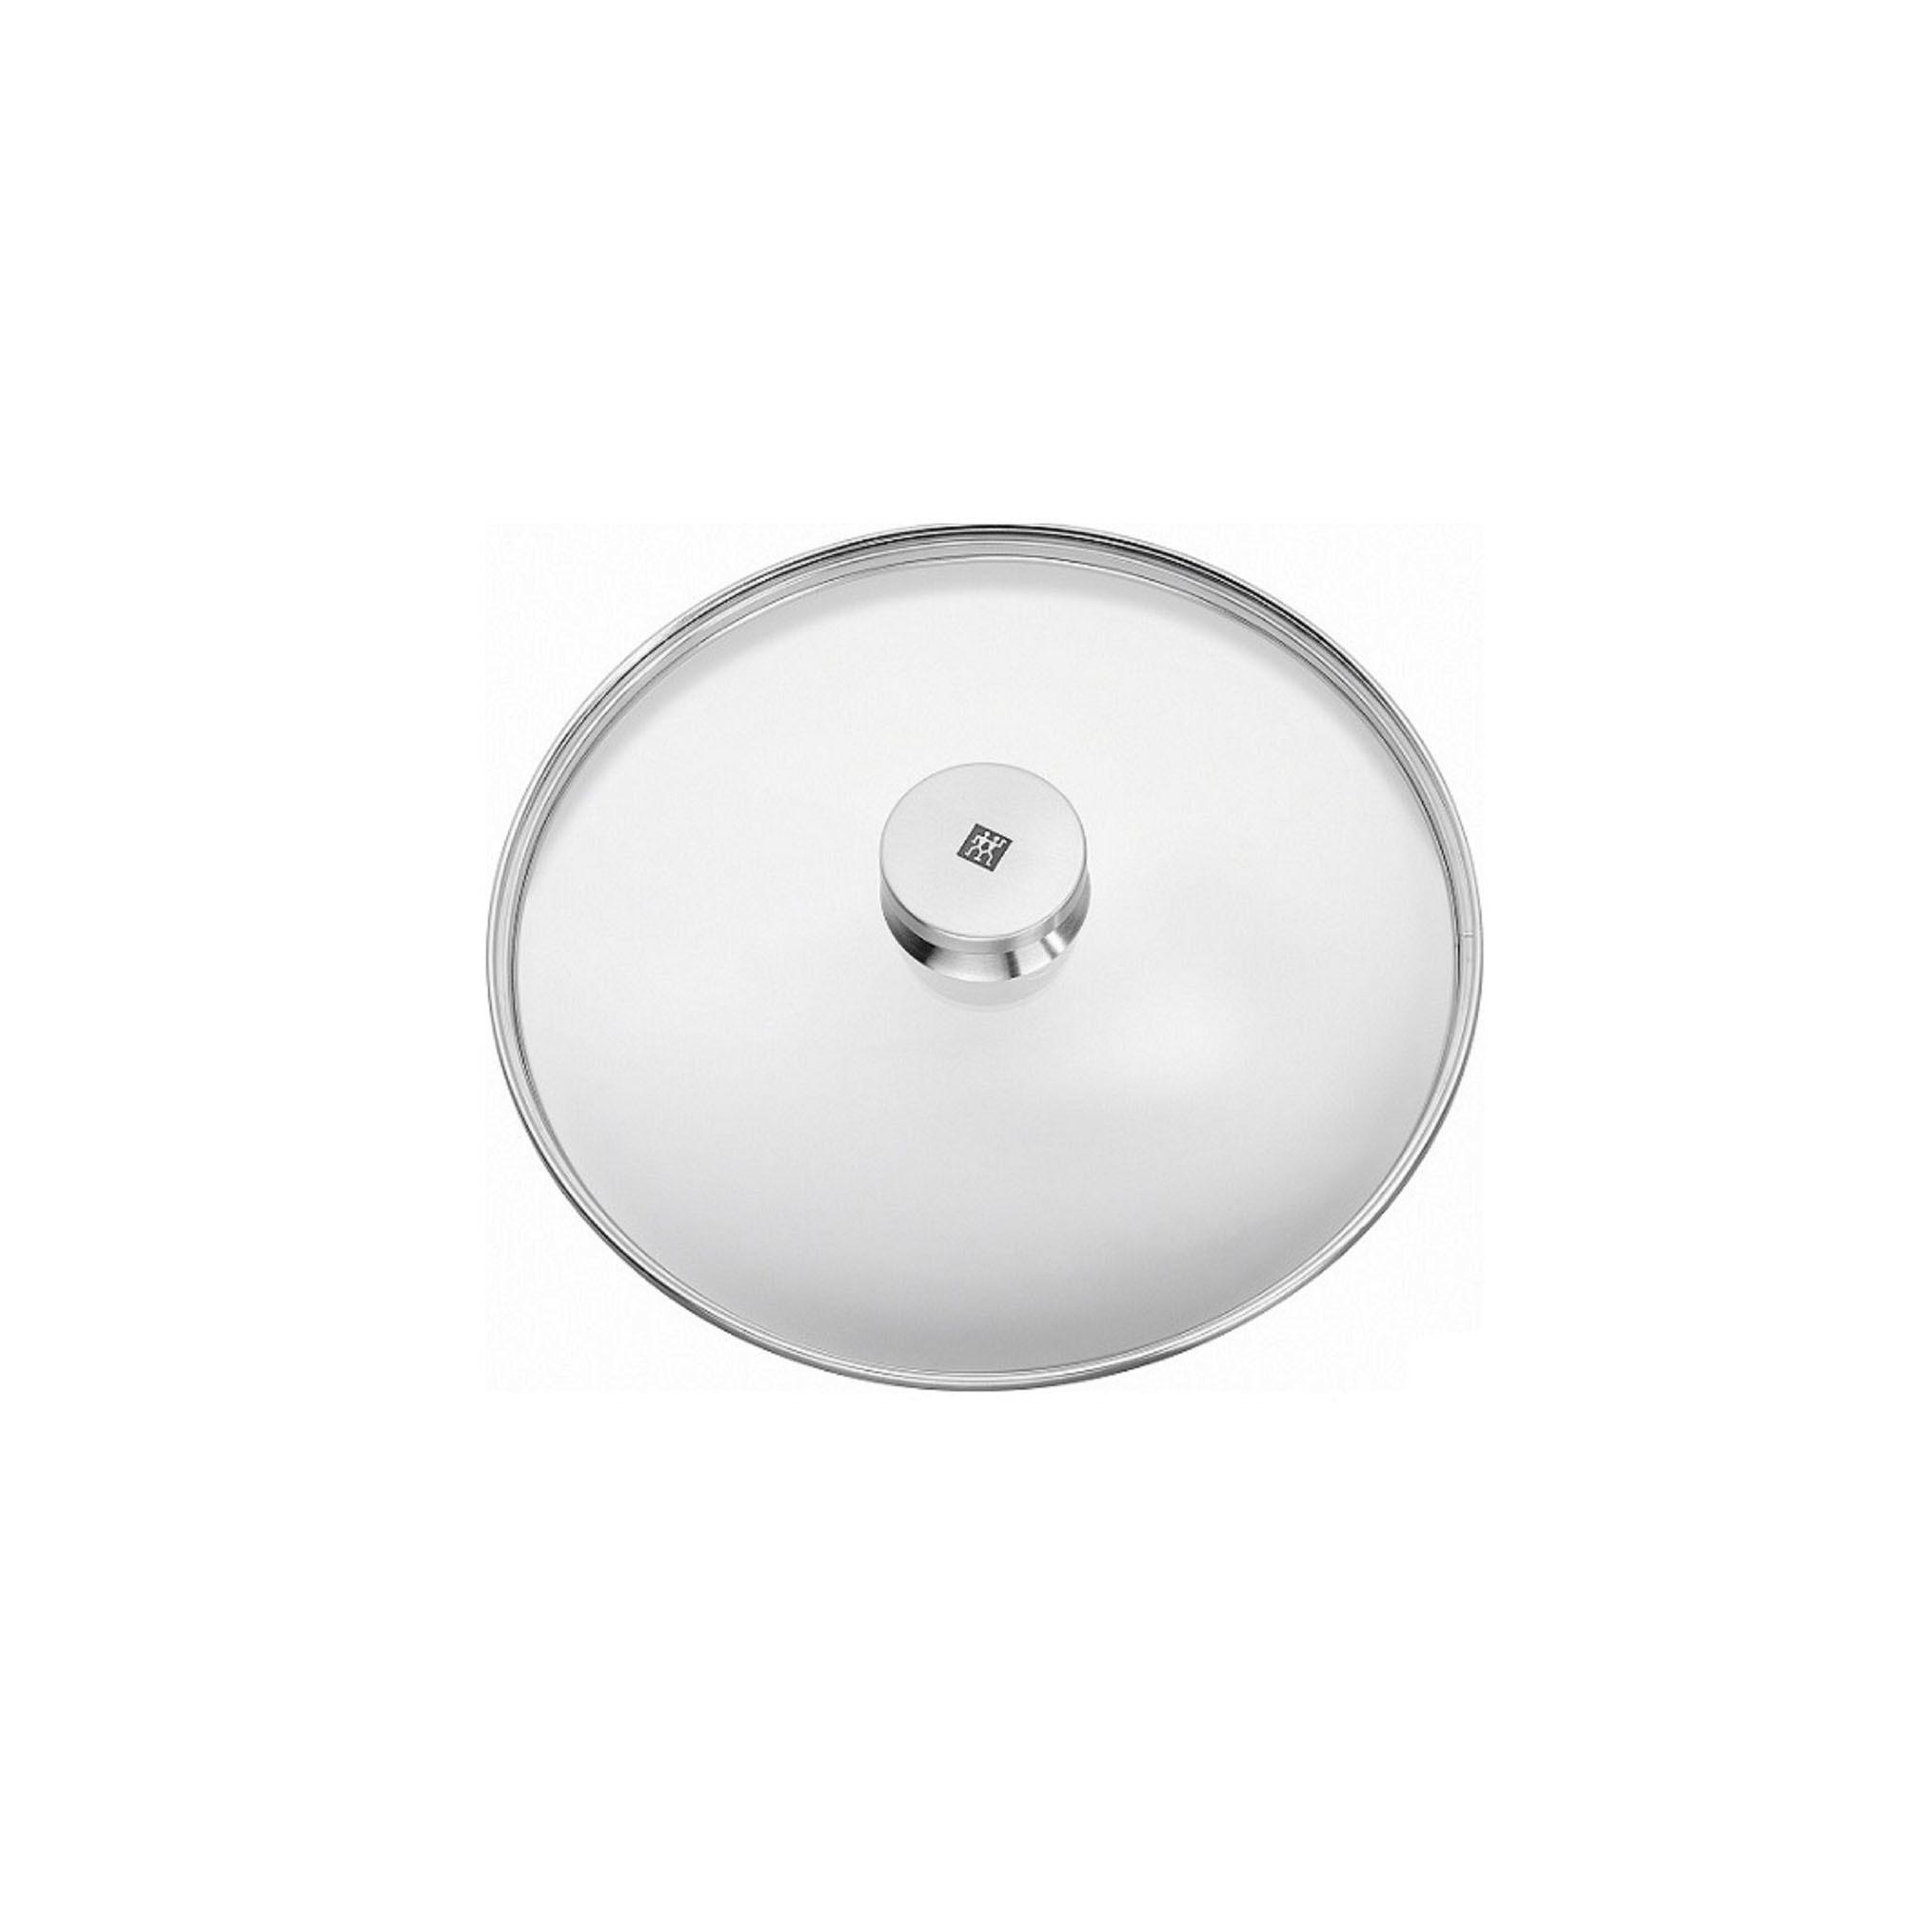 Крышка стеклянная 24 см Zwilling 40990-924Крышки<br>Крышка стеклянная 24 см Zwilling 40990-924<br><br>Изготовлена из стекла. Пригодна для мытья в посудомоечной машине.<br>